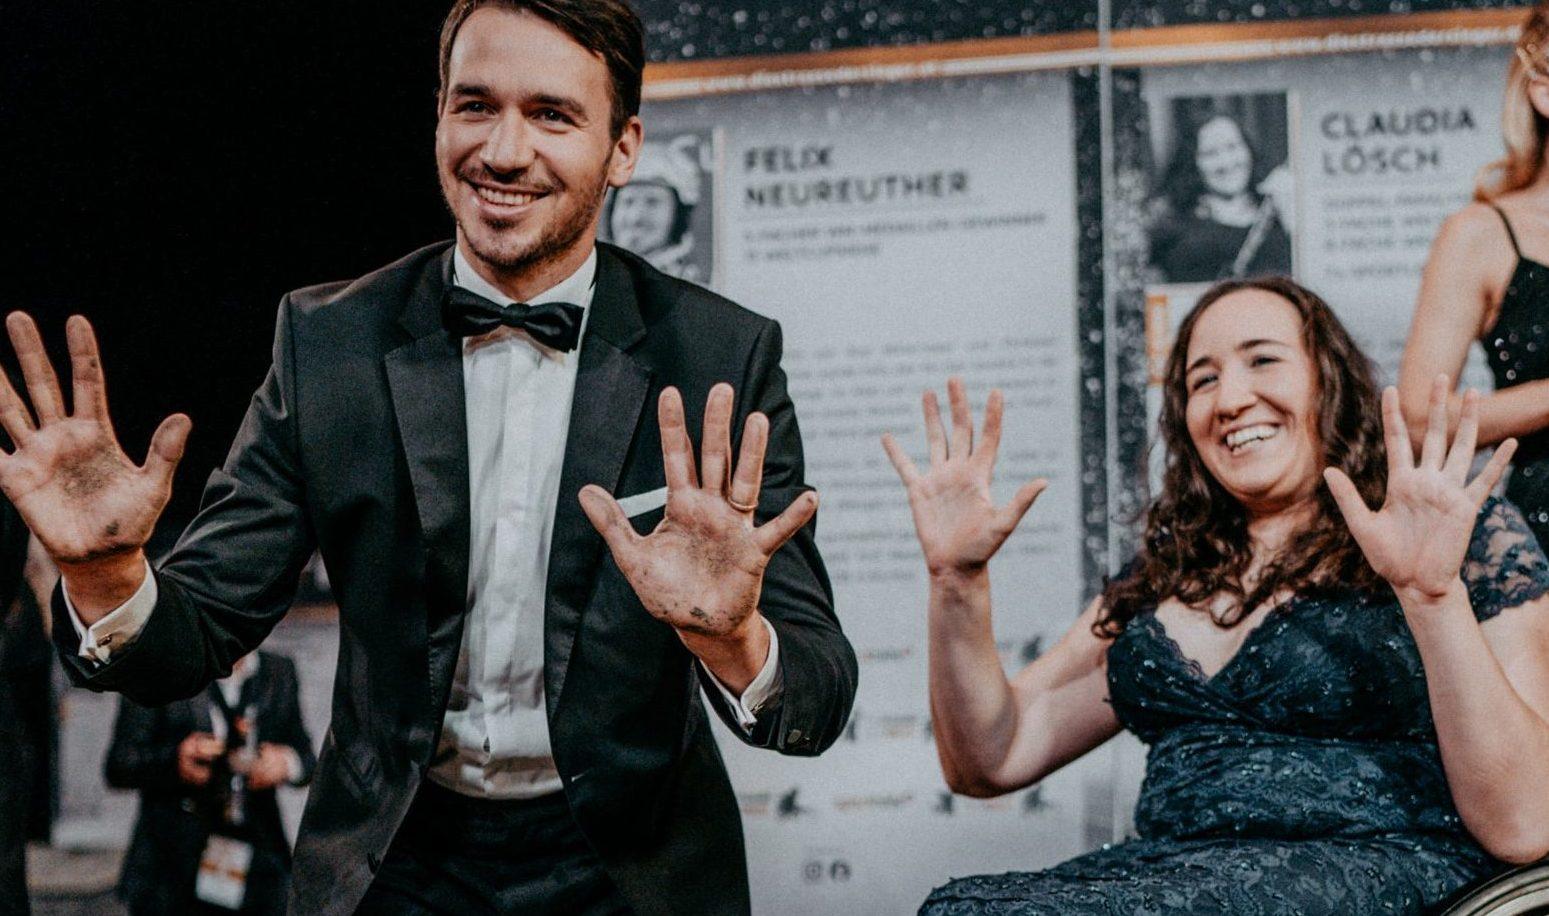 Felix Neureuther und Claudia Lösch bei der Verewigung